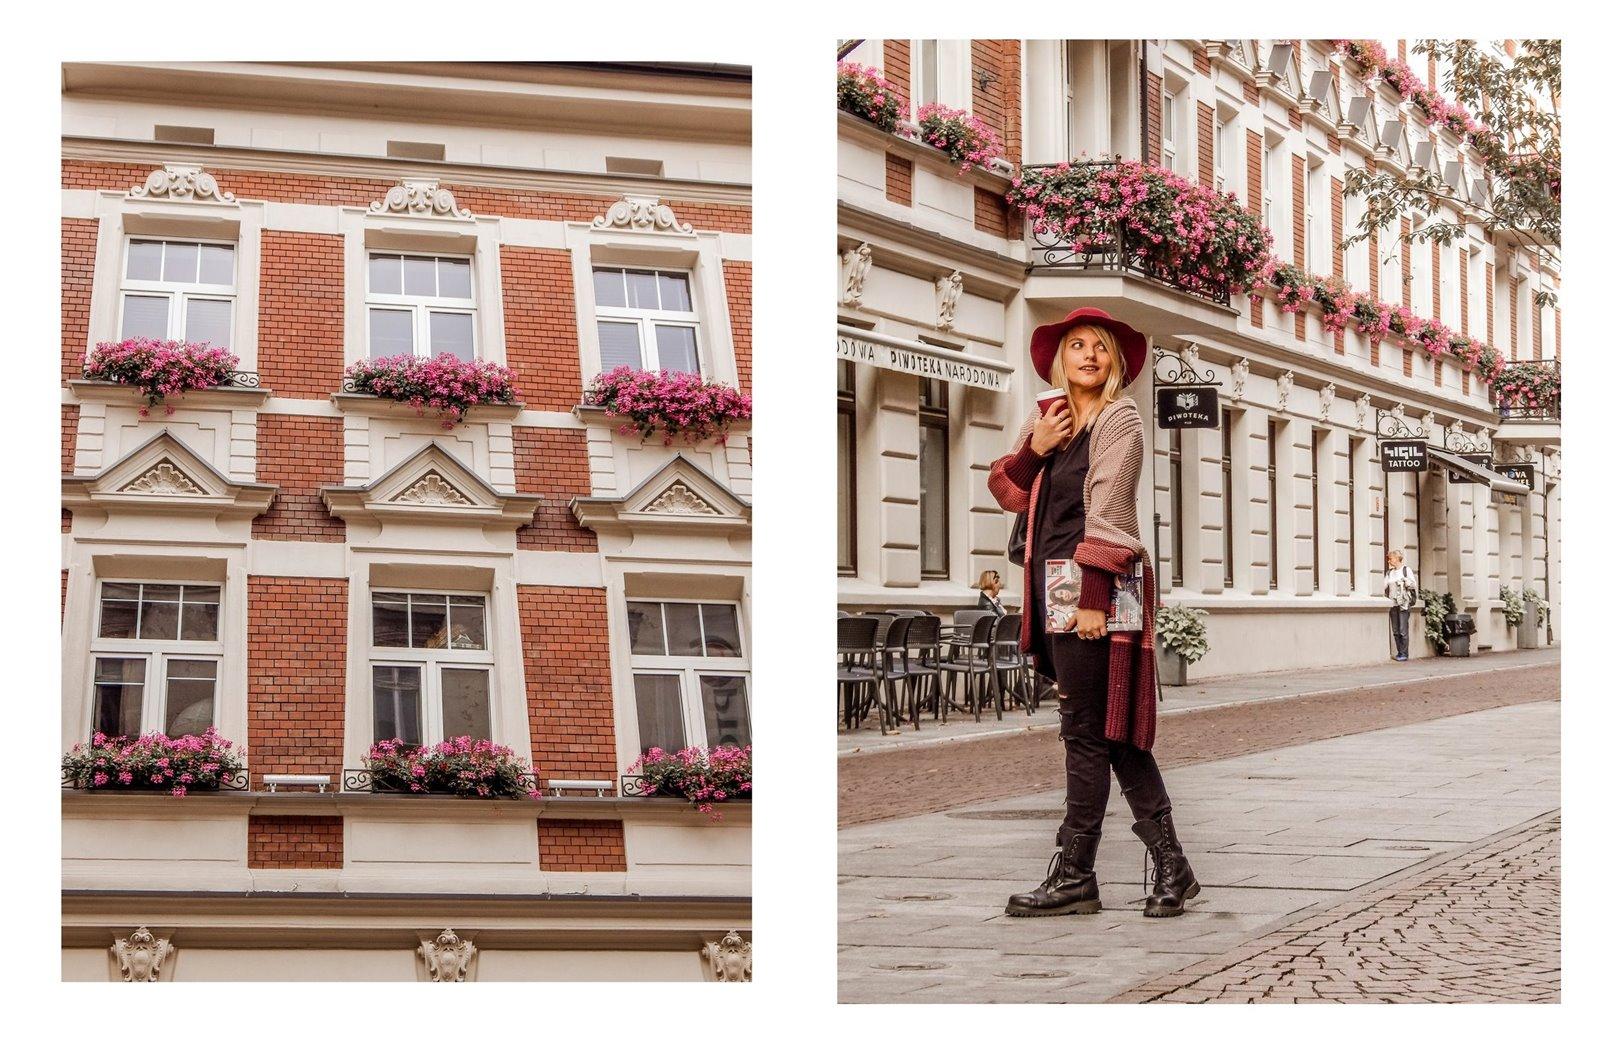 11a kardigan sweter w paski czerwony kapelusz bordowy sweter długi czarne spodnie z dziurami miejski street style styl outfit moda inspiracje pomysły łódź fotografia blog influencer modowe blogerki lifestyle podró